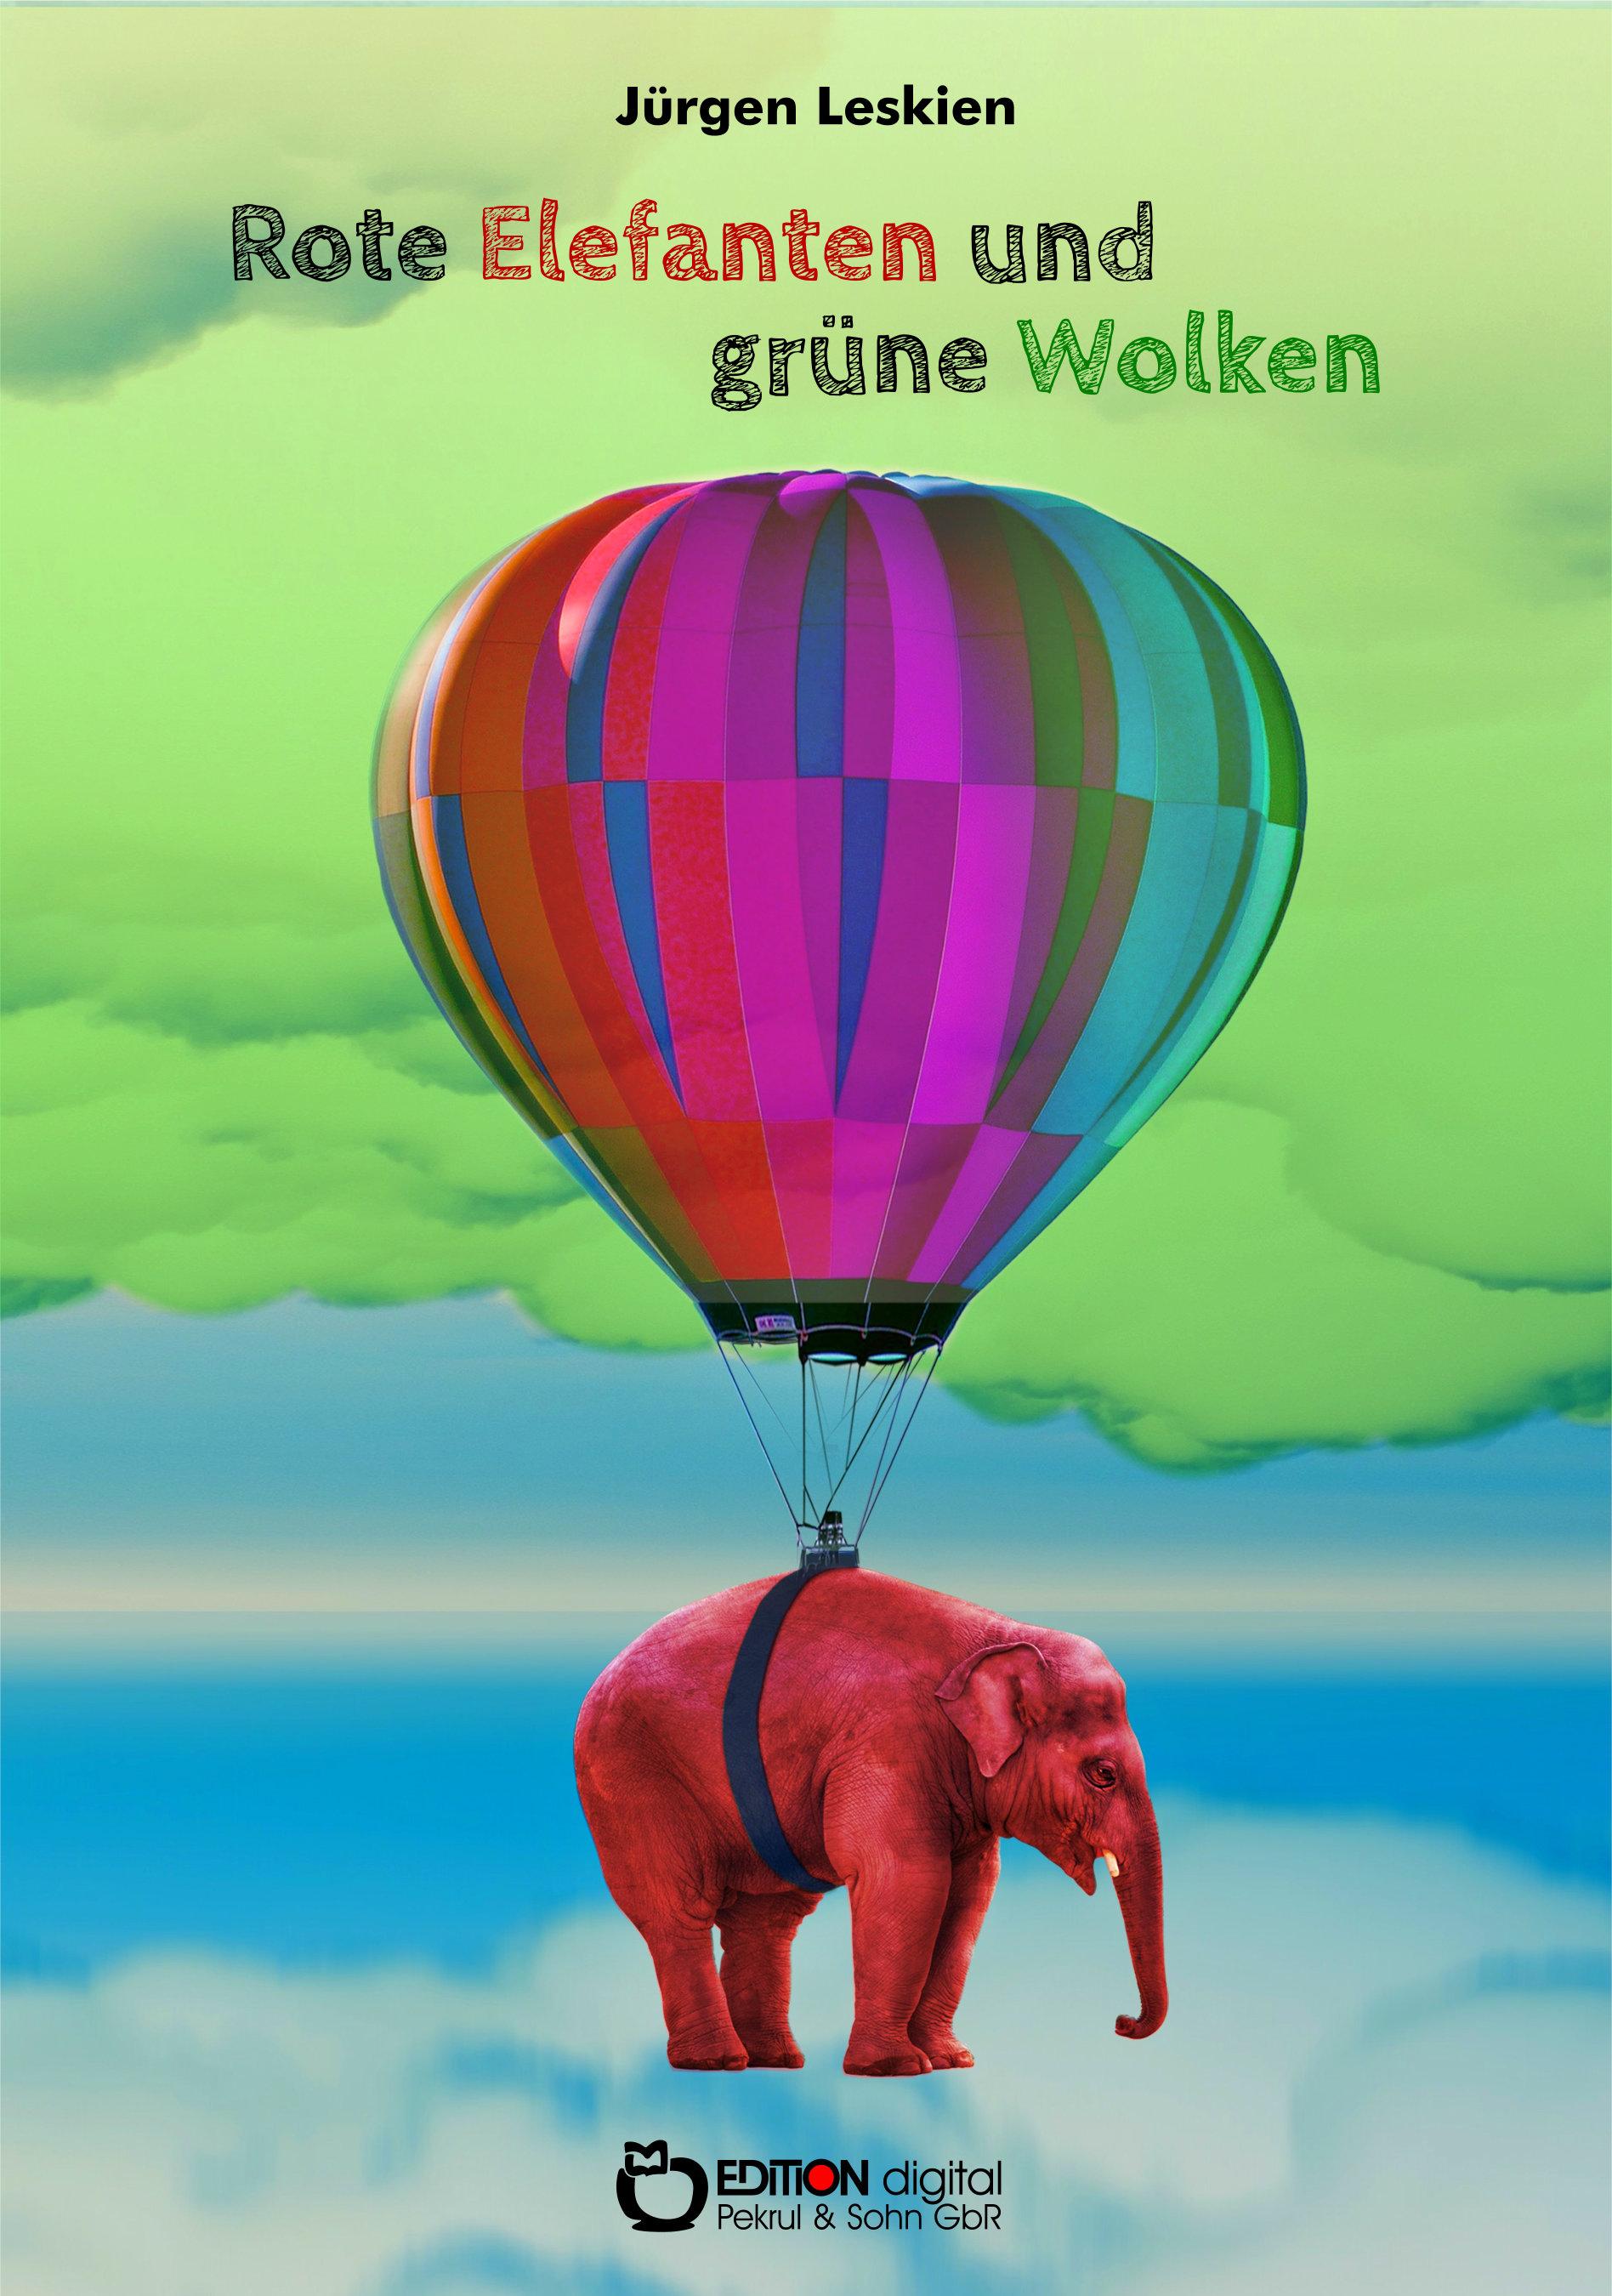 Rote Elefanten und grüne Wolken für Till von Jürgen Leskien